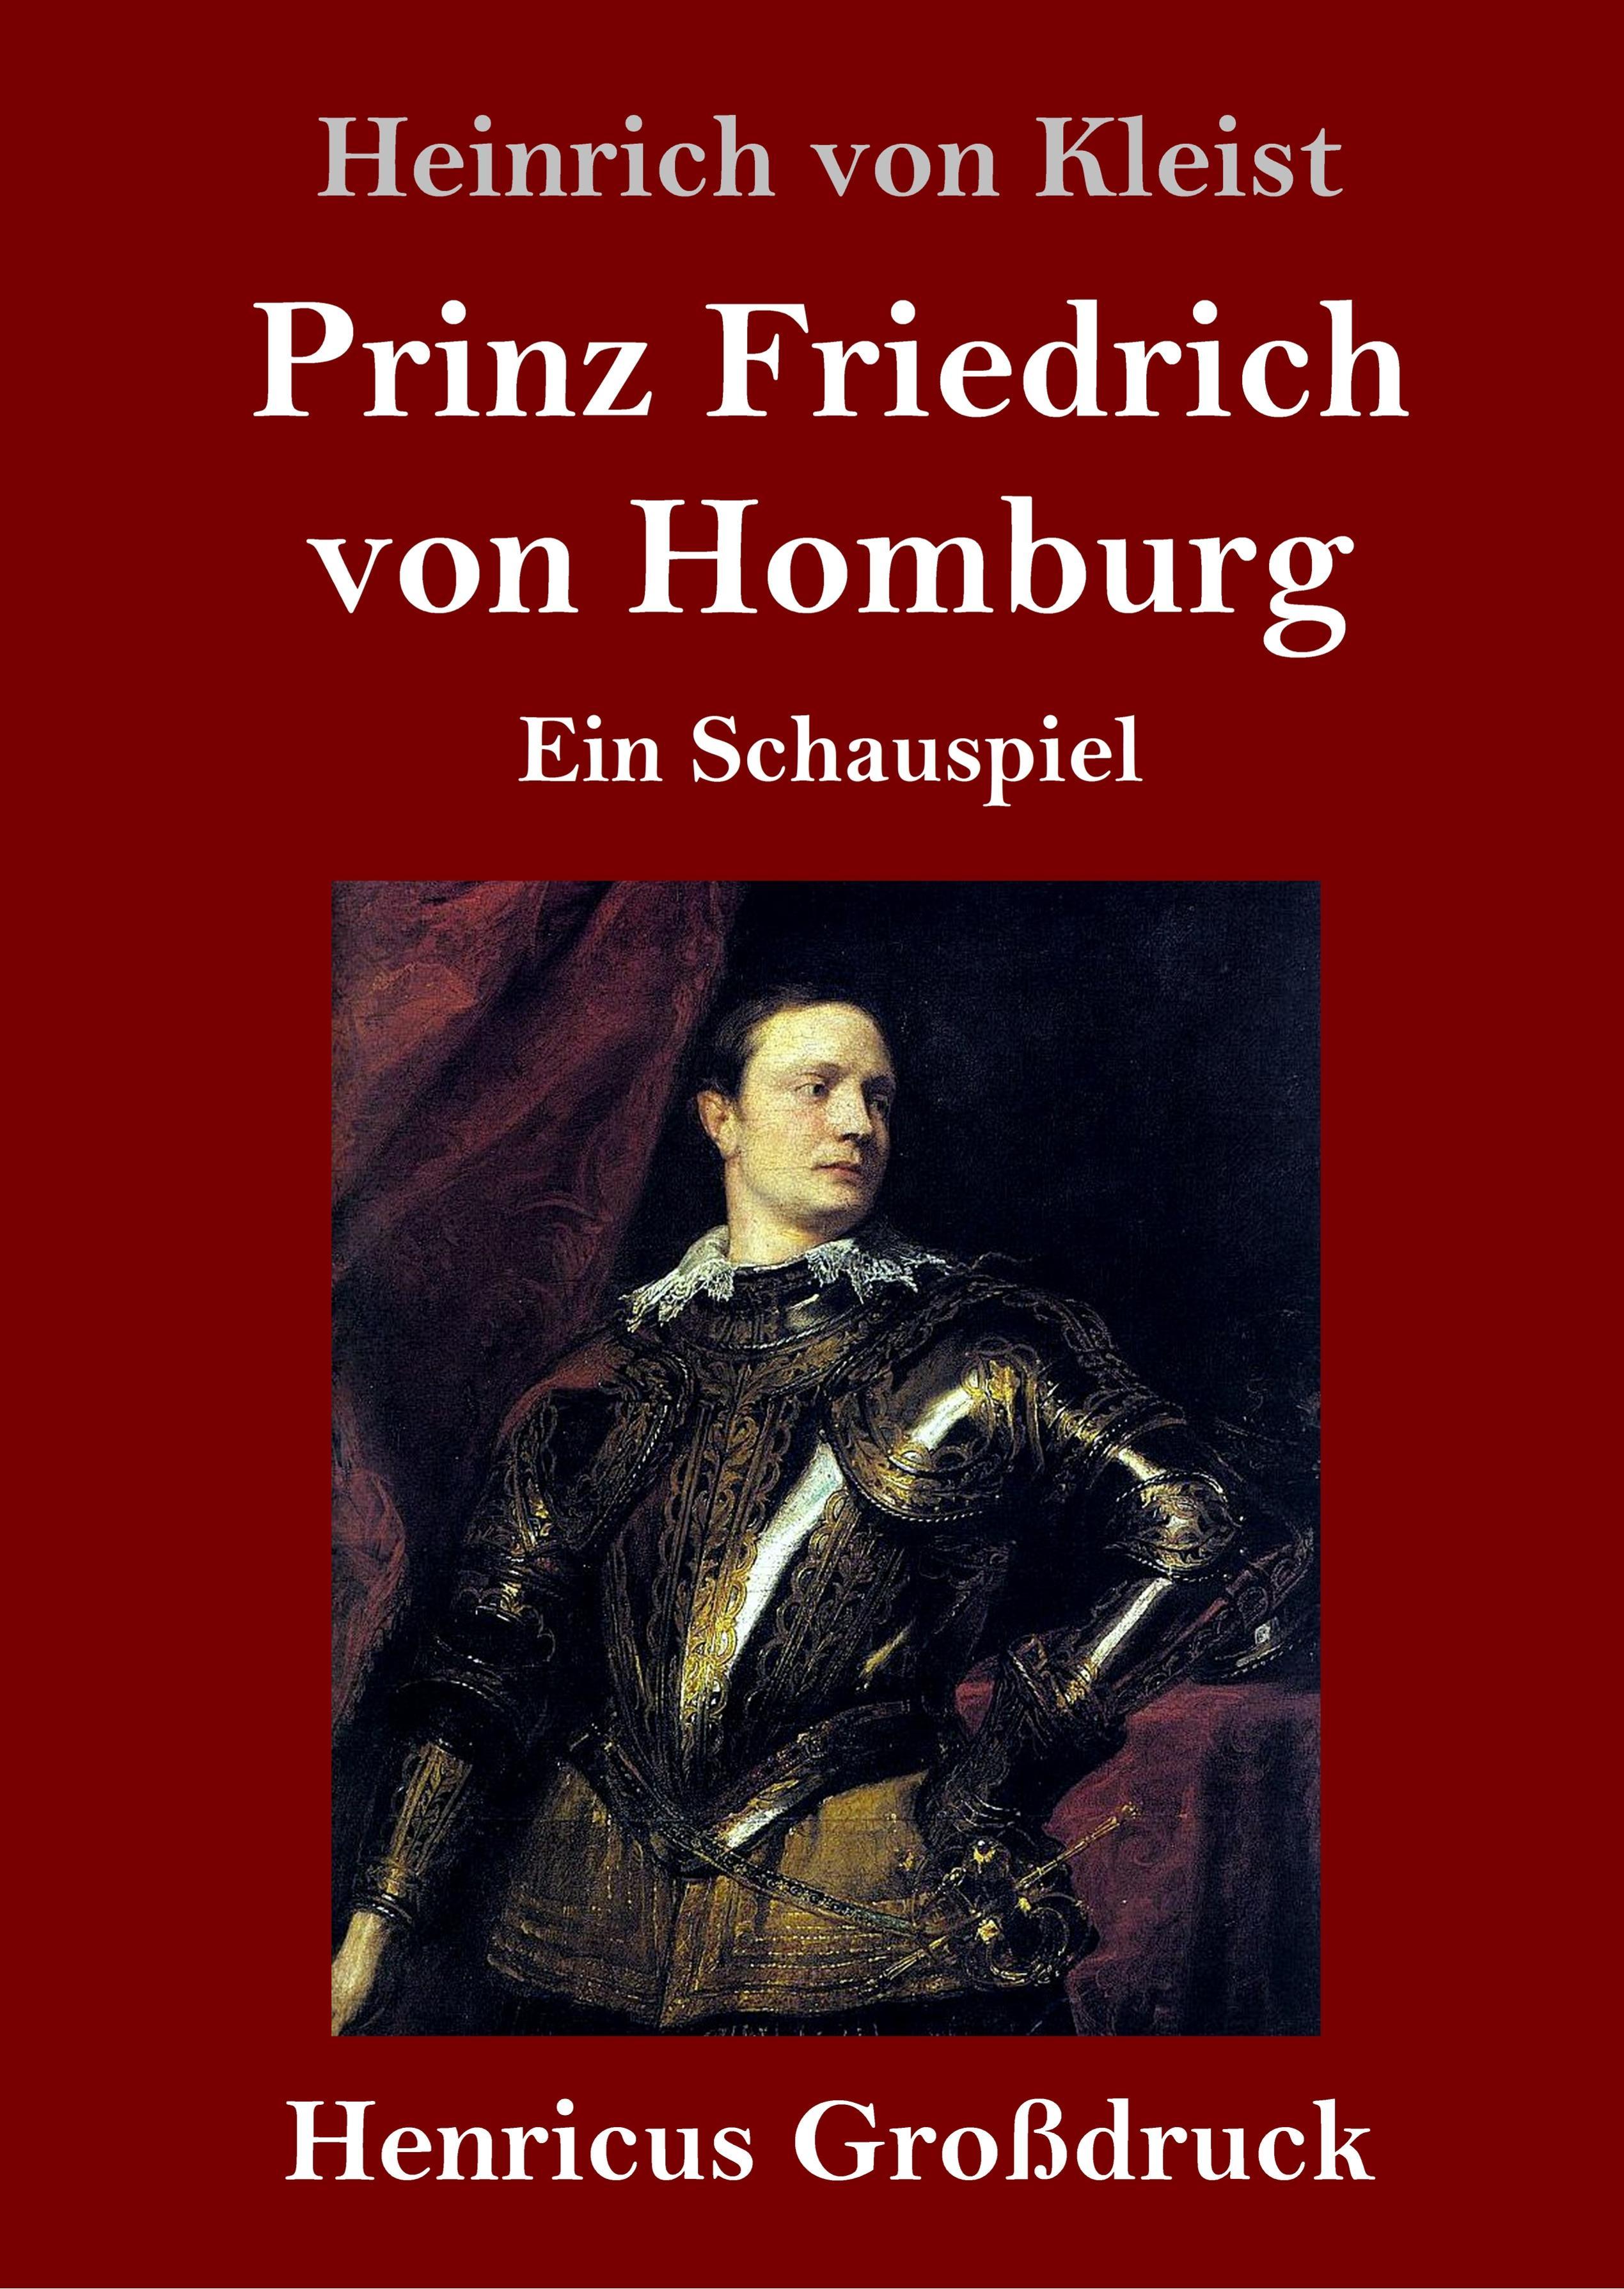 Prinz Friedrich von Homburg (Grossdruck) - Kleist, Heinrich Von